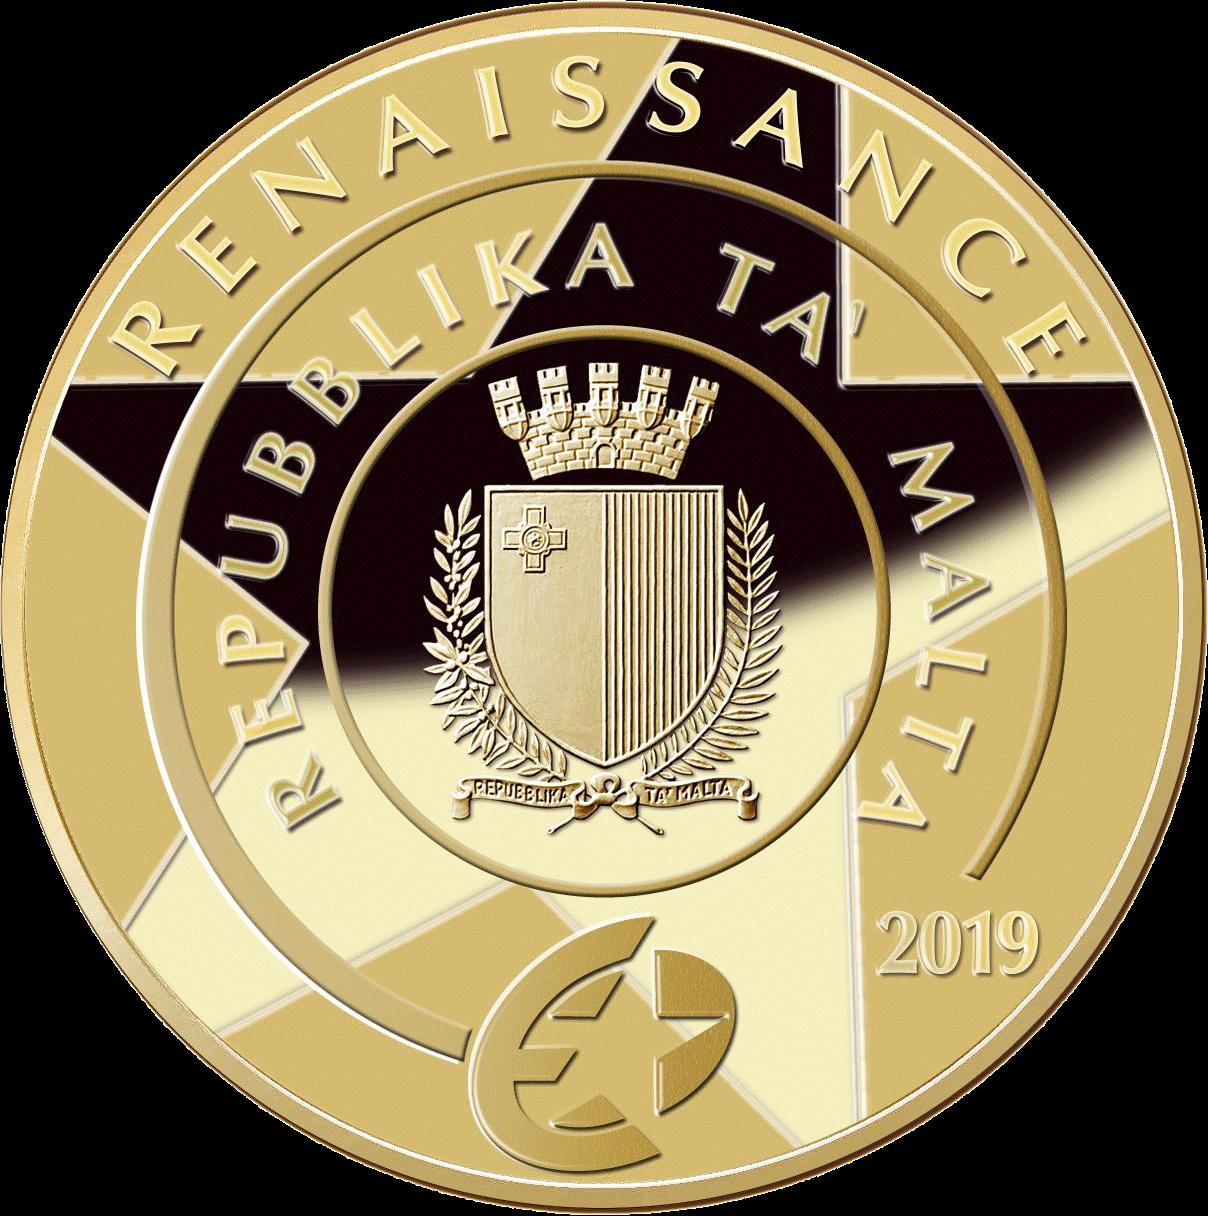 Мальта монета 50 евро Гран-Карракка Ордена Святого Иоанна, аверс